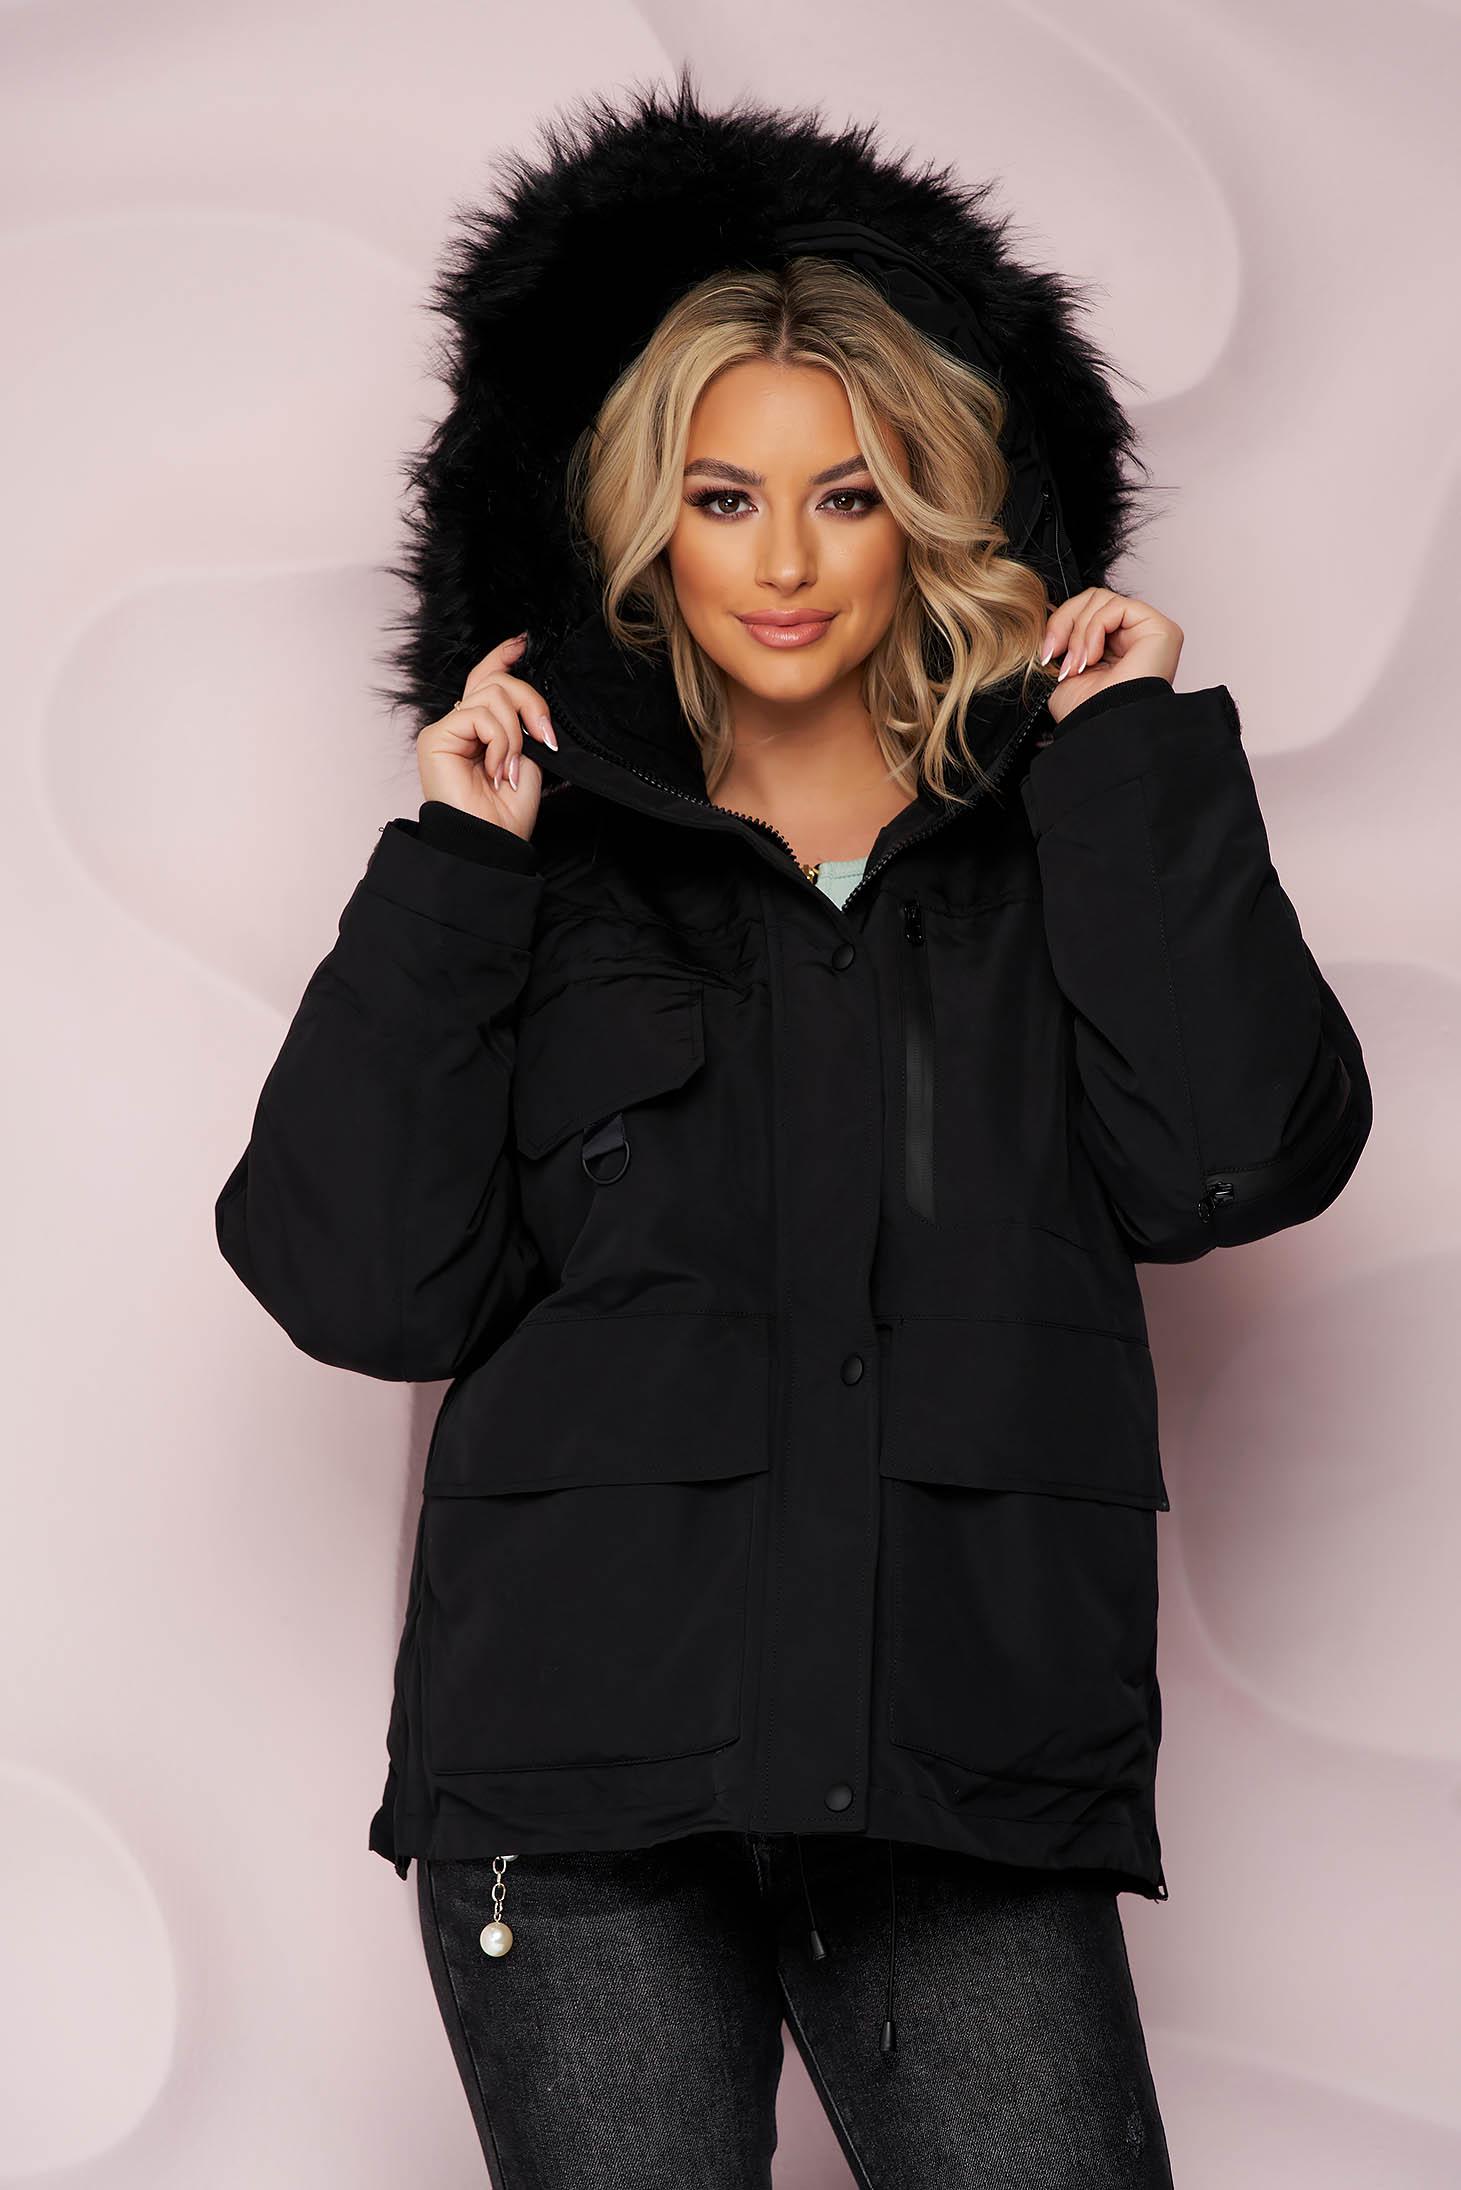 Fekete rövid bő szabású vízlepergető dzseki, szőrme gallérral és derékban zsinórral